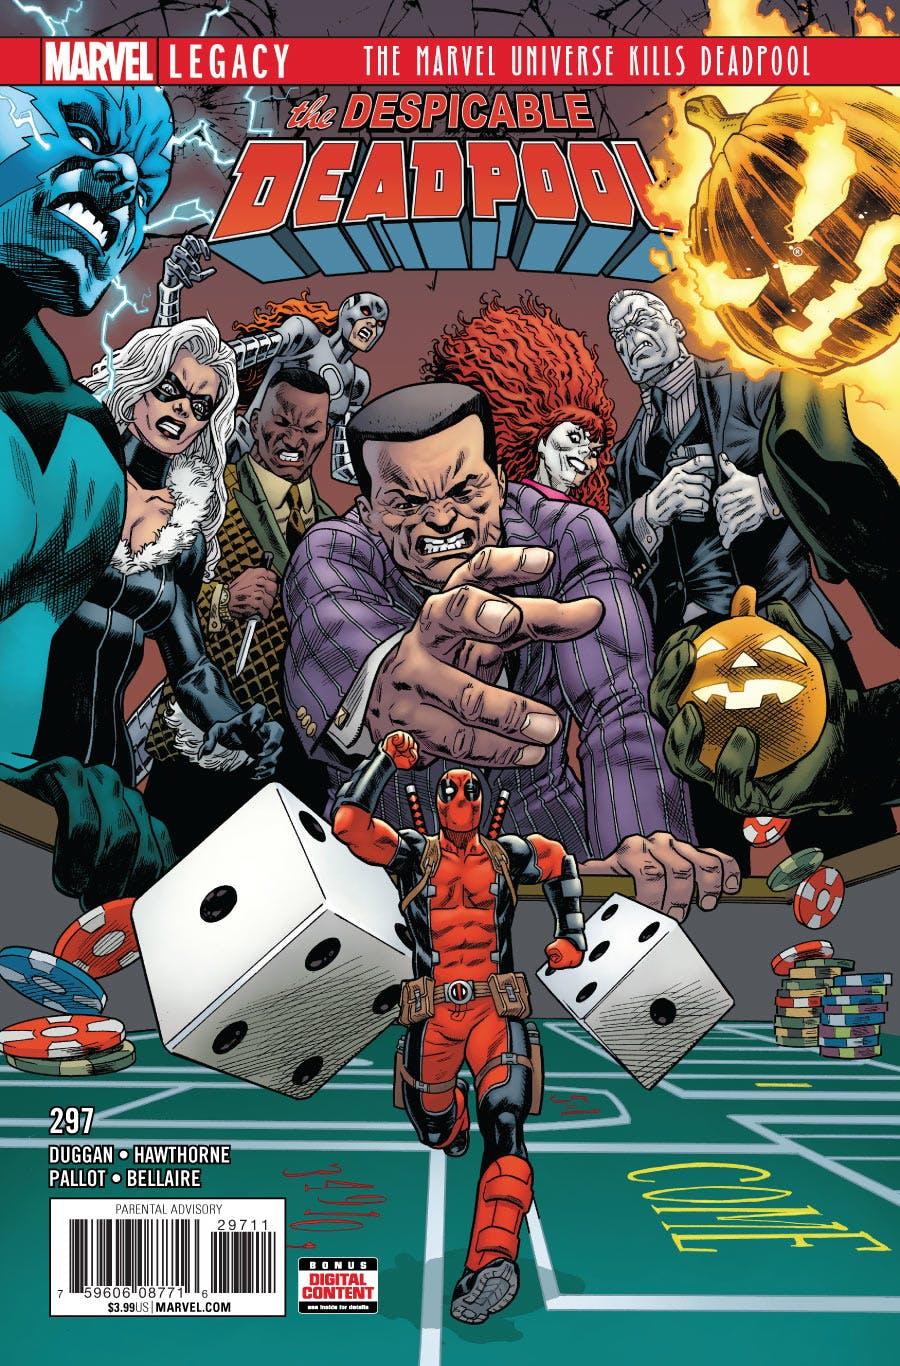 Despicable Deadpool Vol 1 297. Despicable Deadpool Vol 1 297